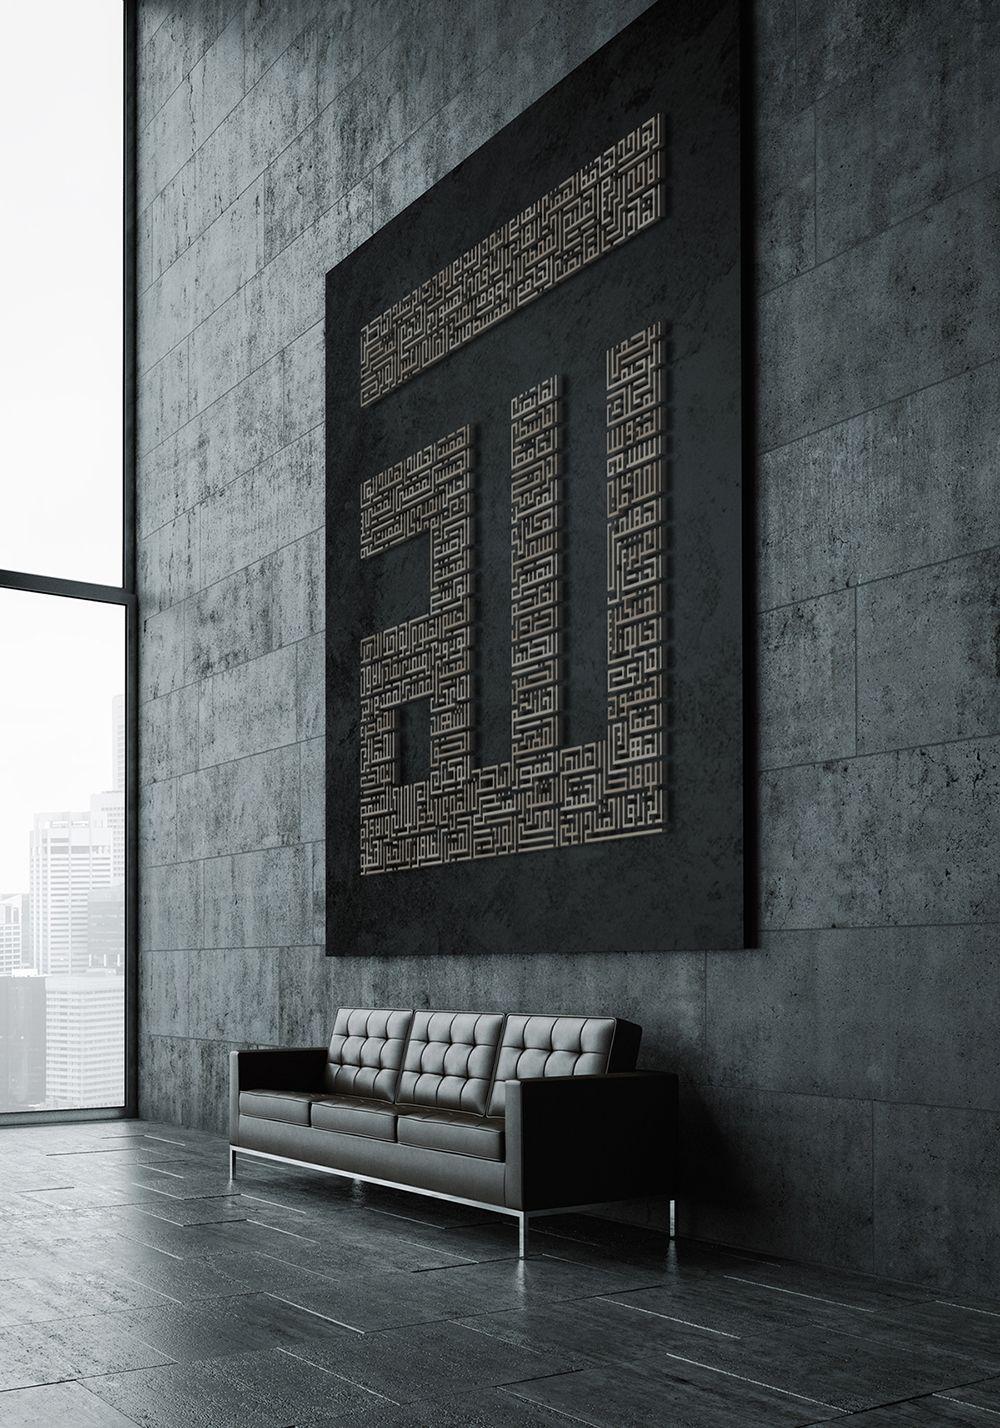 أسماء الله الحسنى مجموعة في كلمة الله بالخط الكوفي المربع 99 Names Of Allah In Square Kufic Style Full Project Www Behance N Tezhip Tablolar Islami Sanat